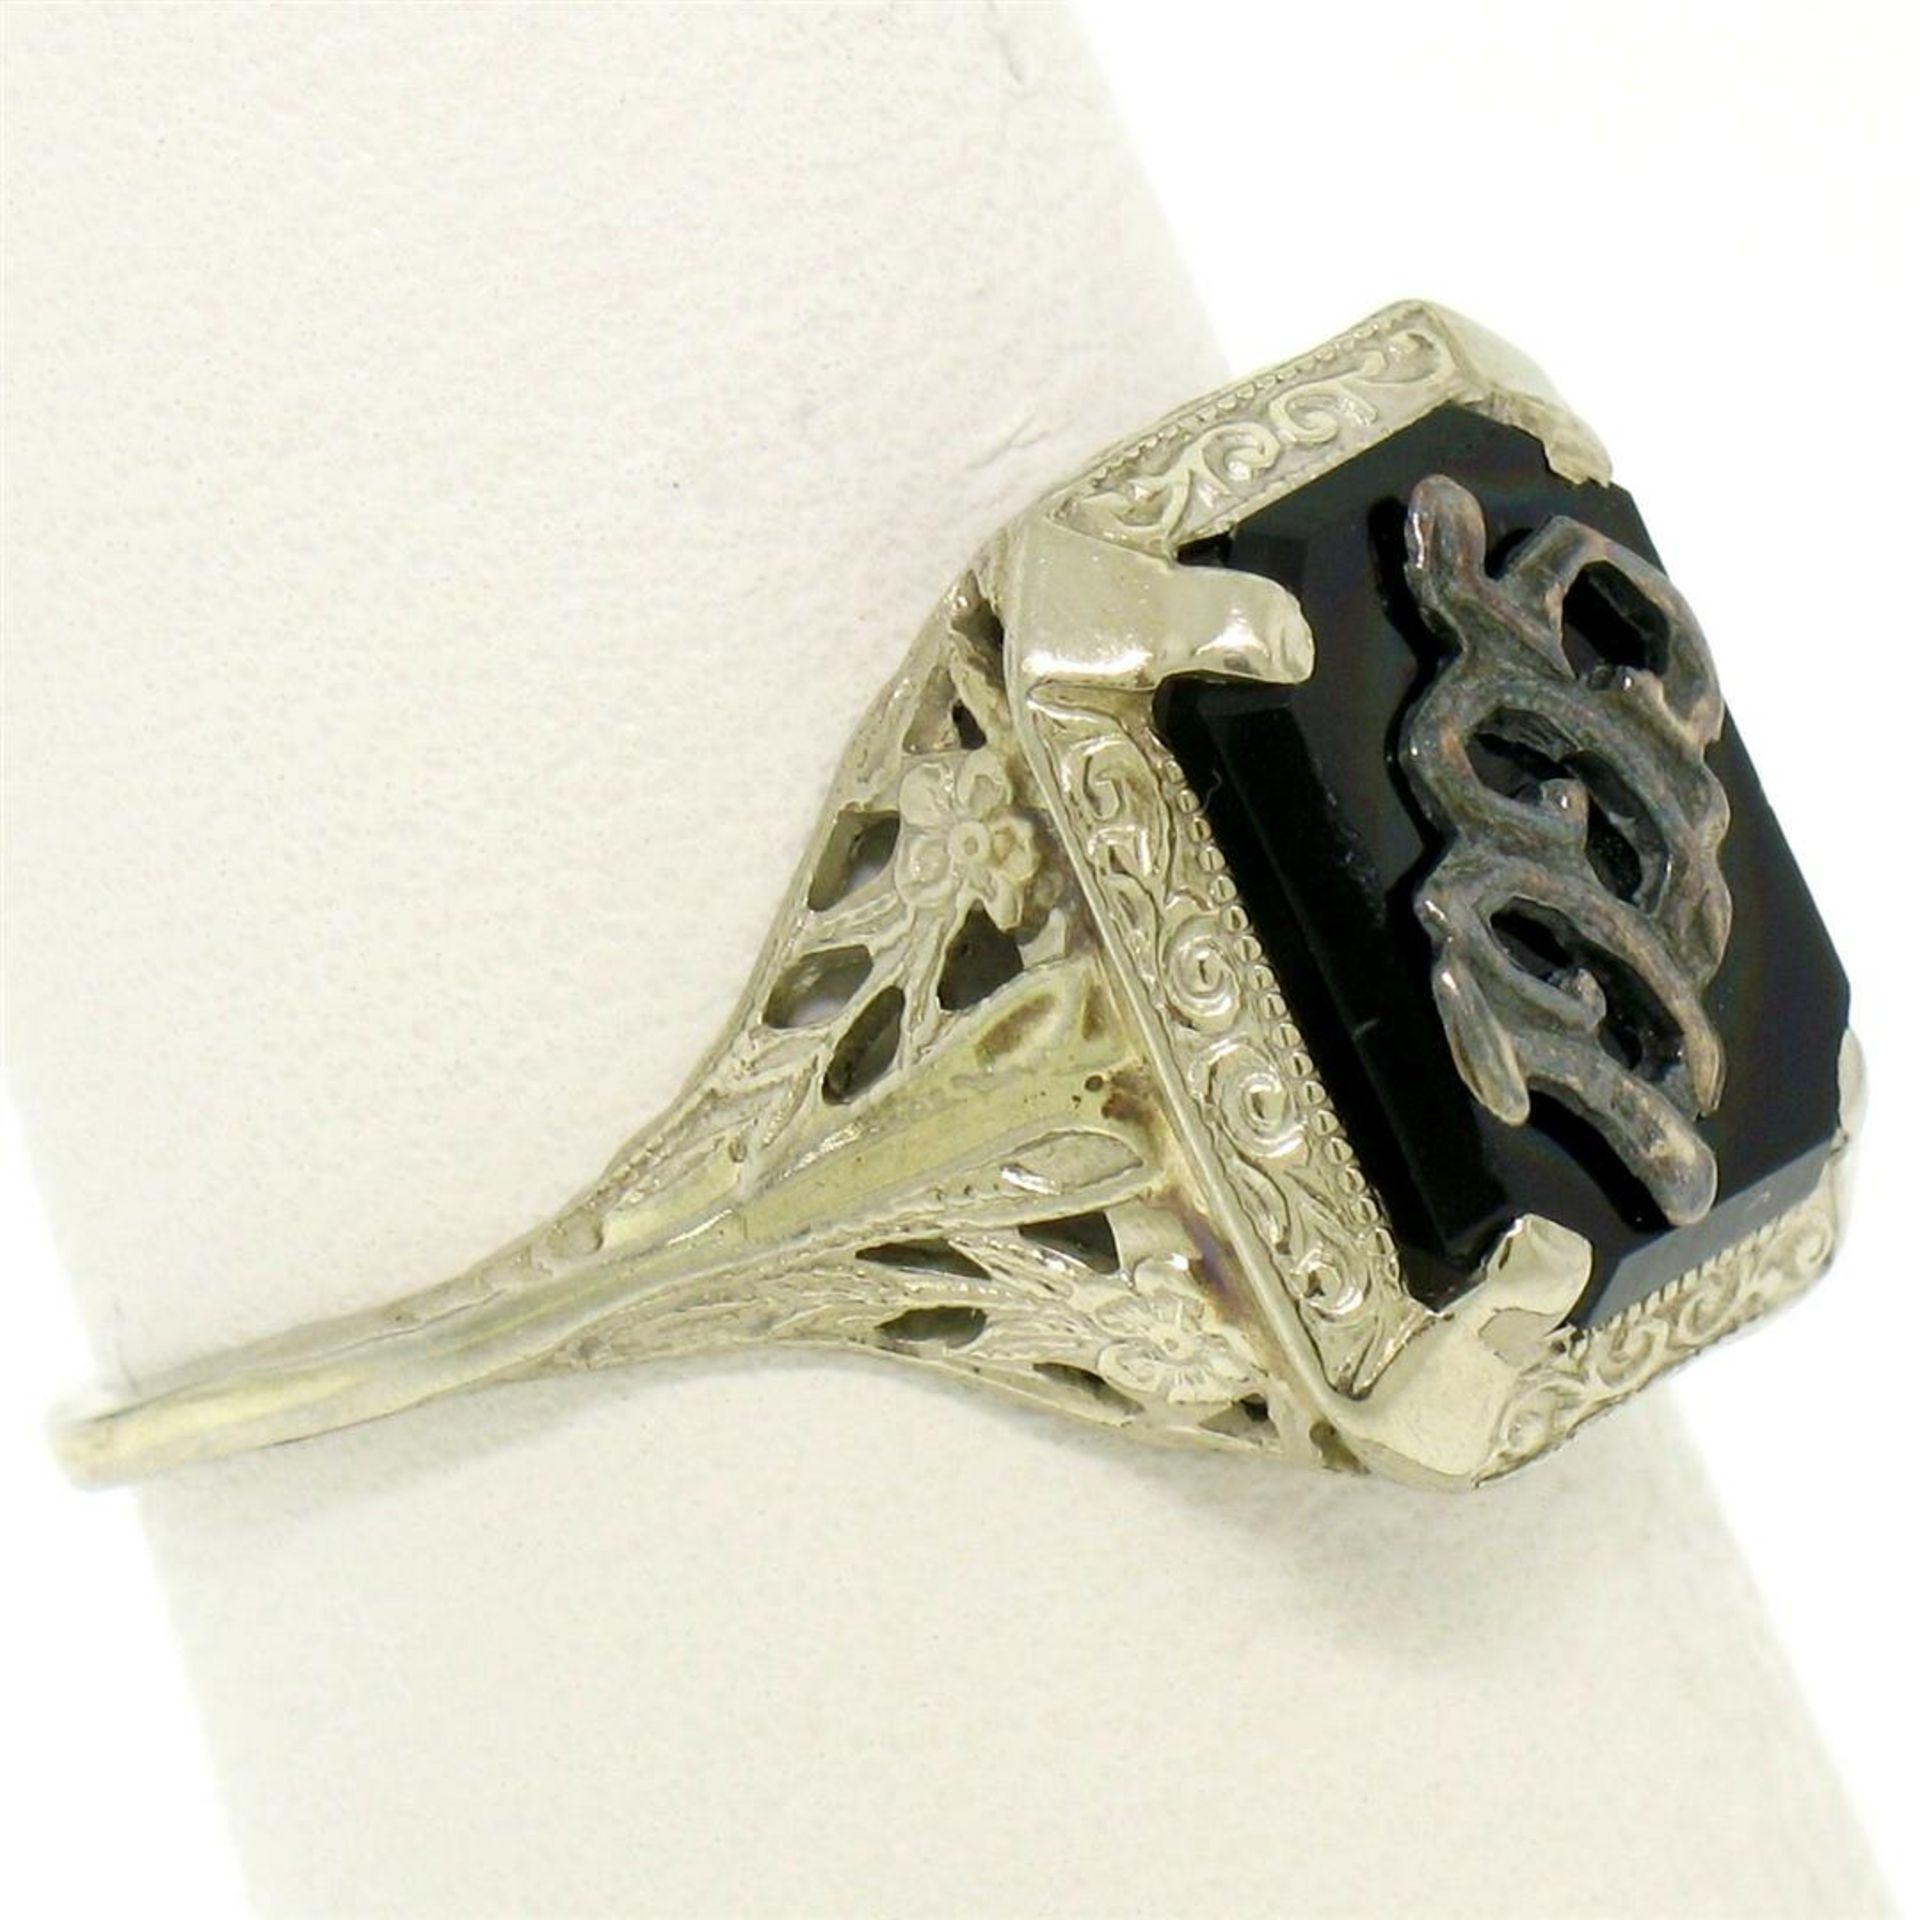 1925 14k White Gold Prong Set Black Onyx Filigree Dinner Ring - Image 3 of 8